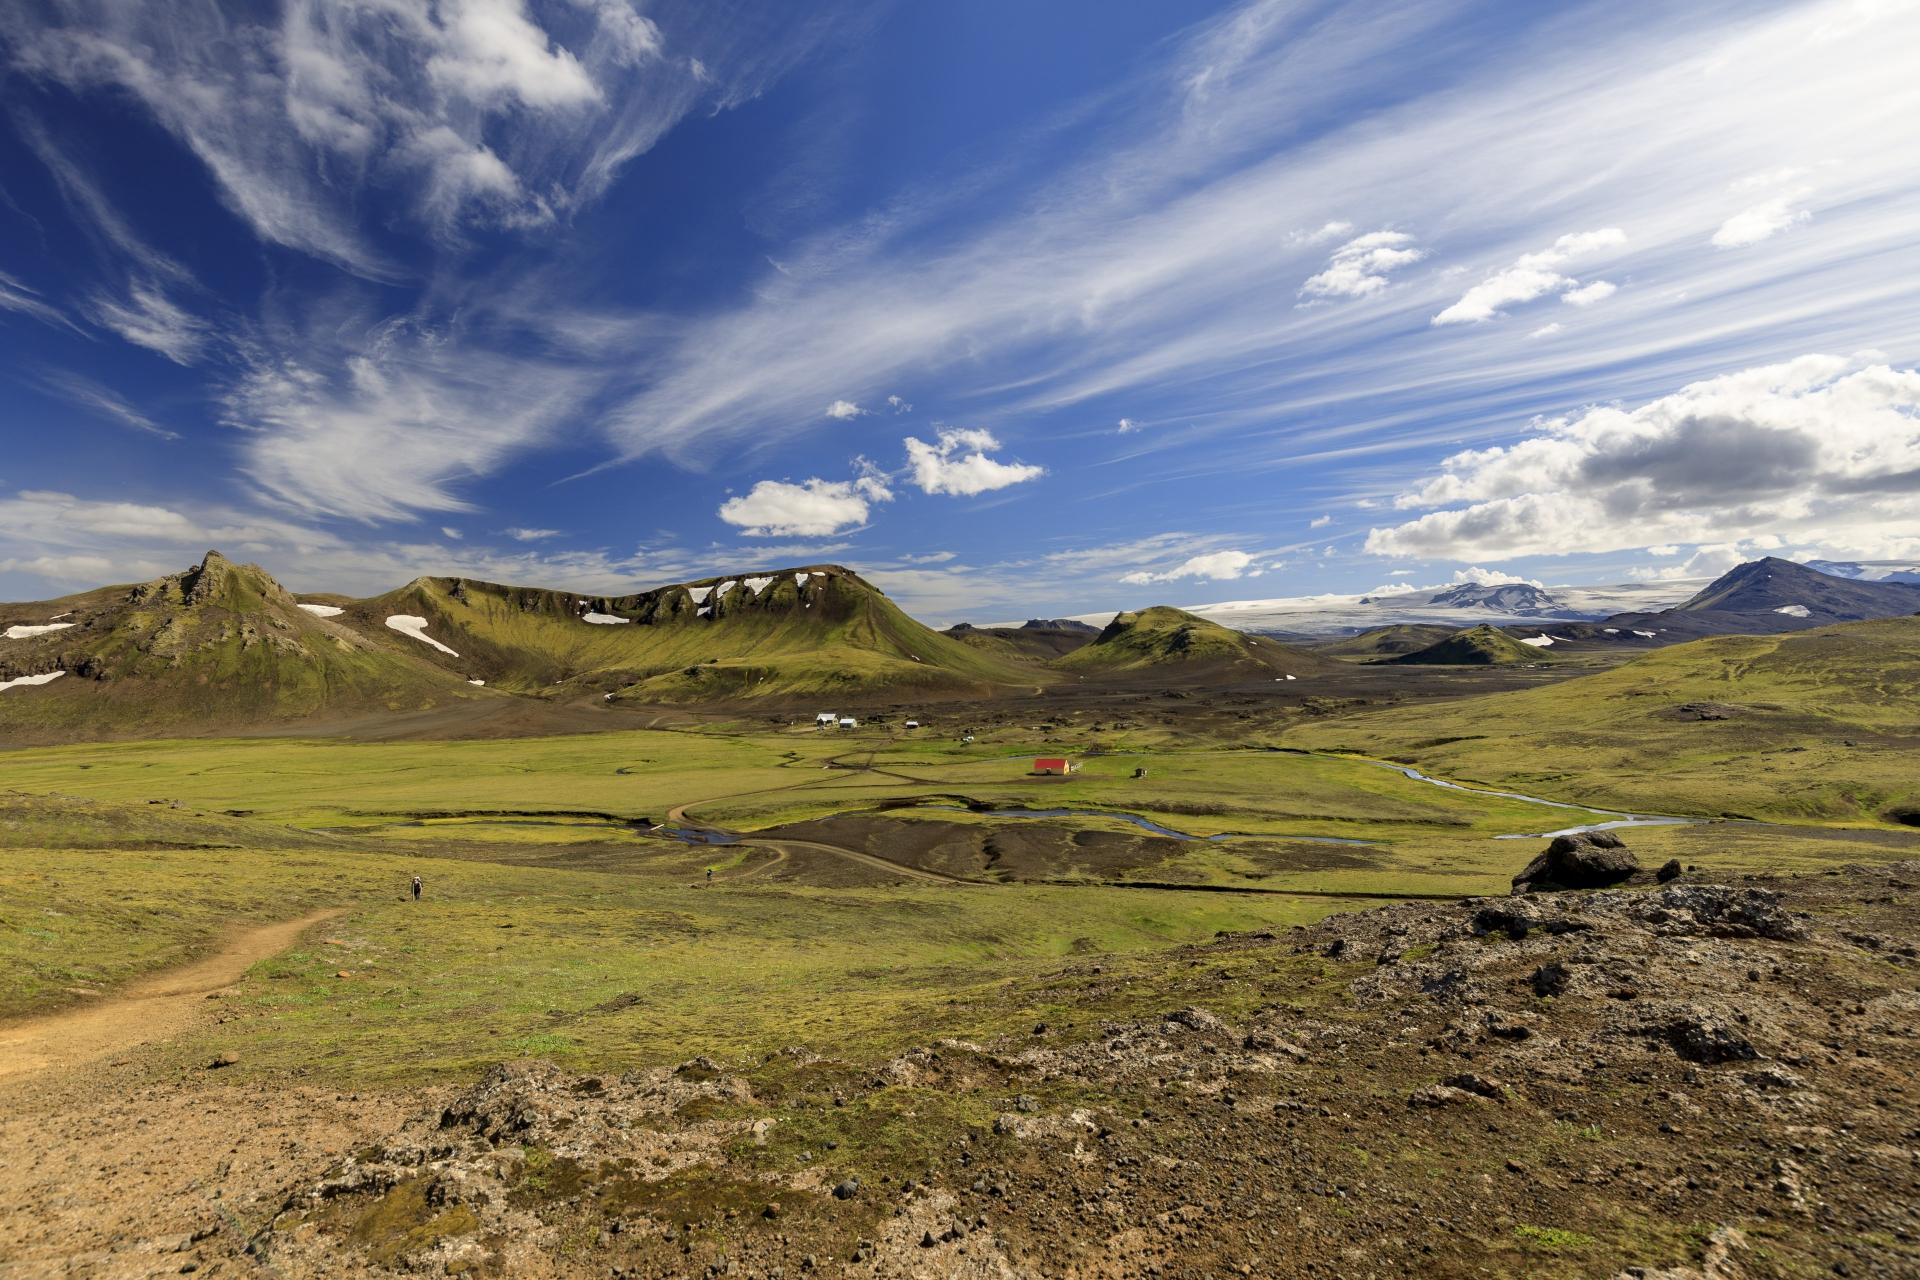 Camp Hvanngil mit Hvanngilshausar und im Hintergrund der Mýrdalsjökull